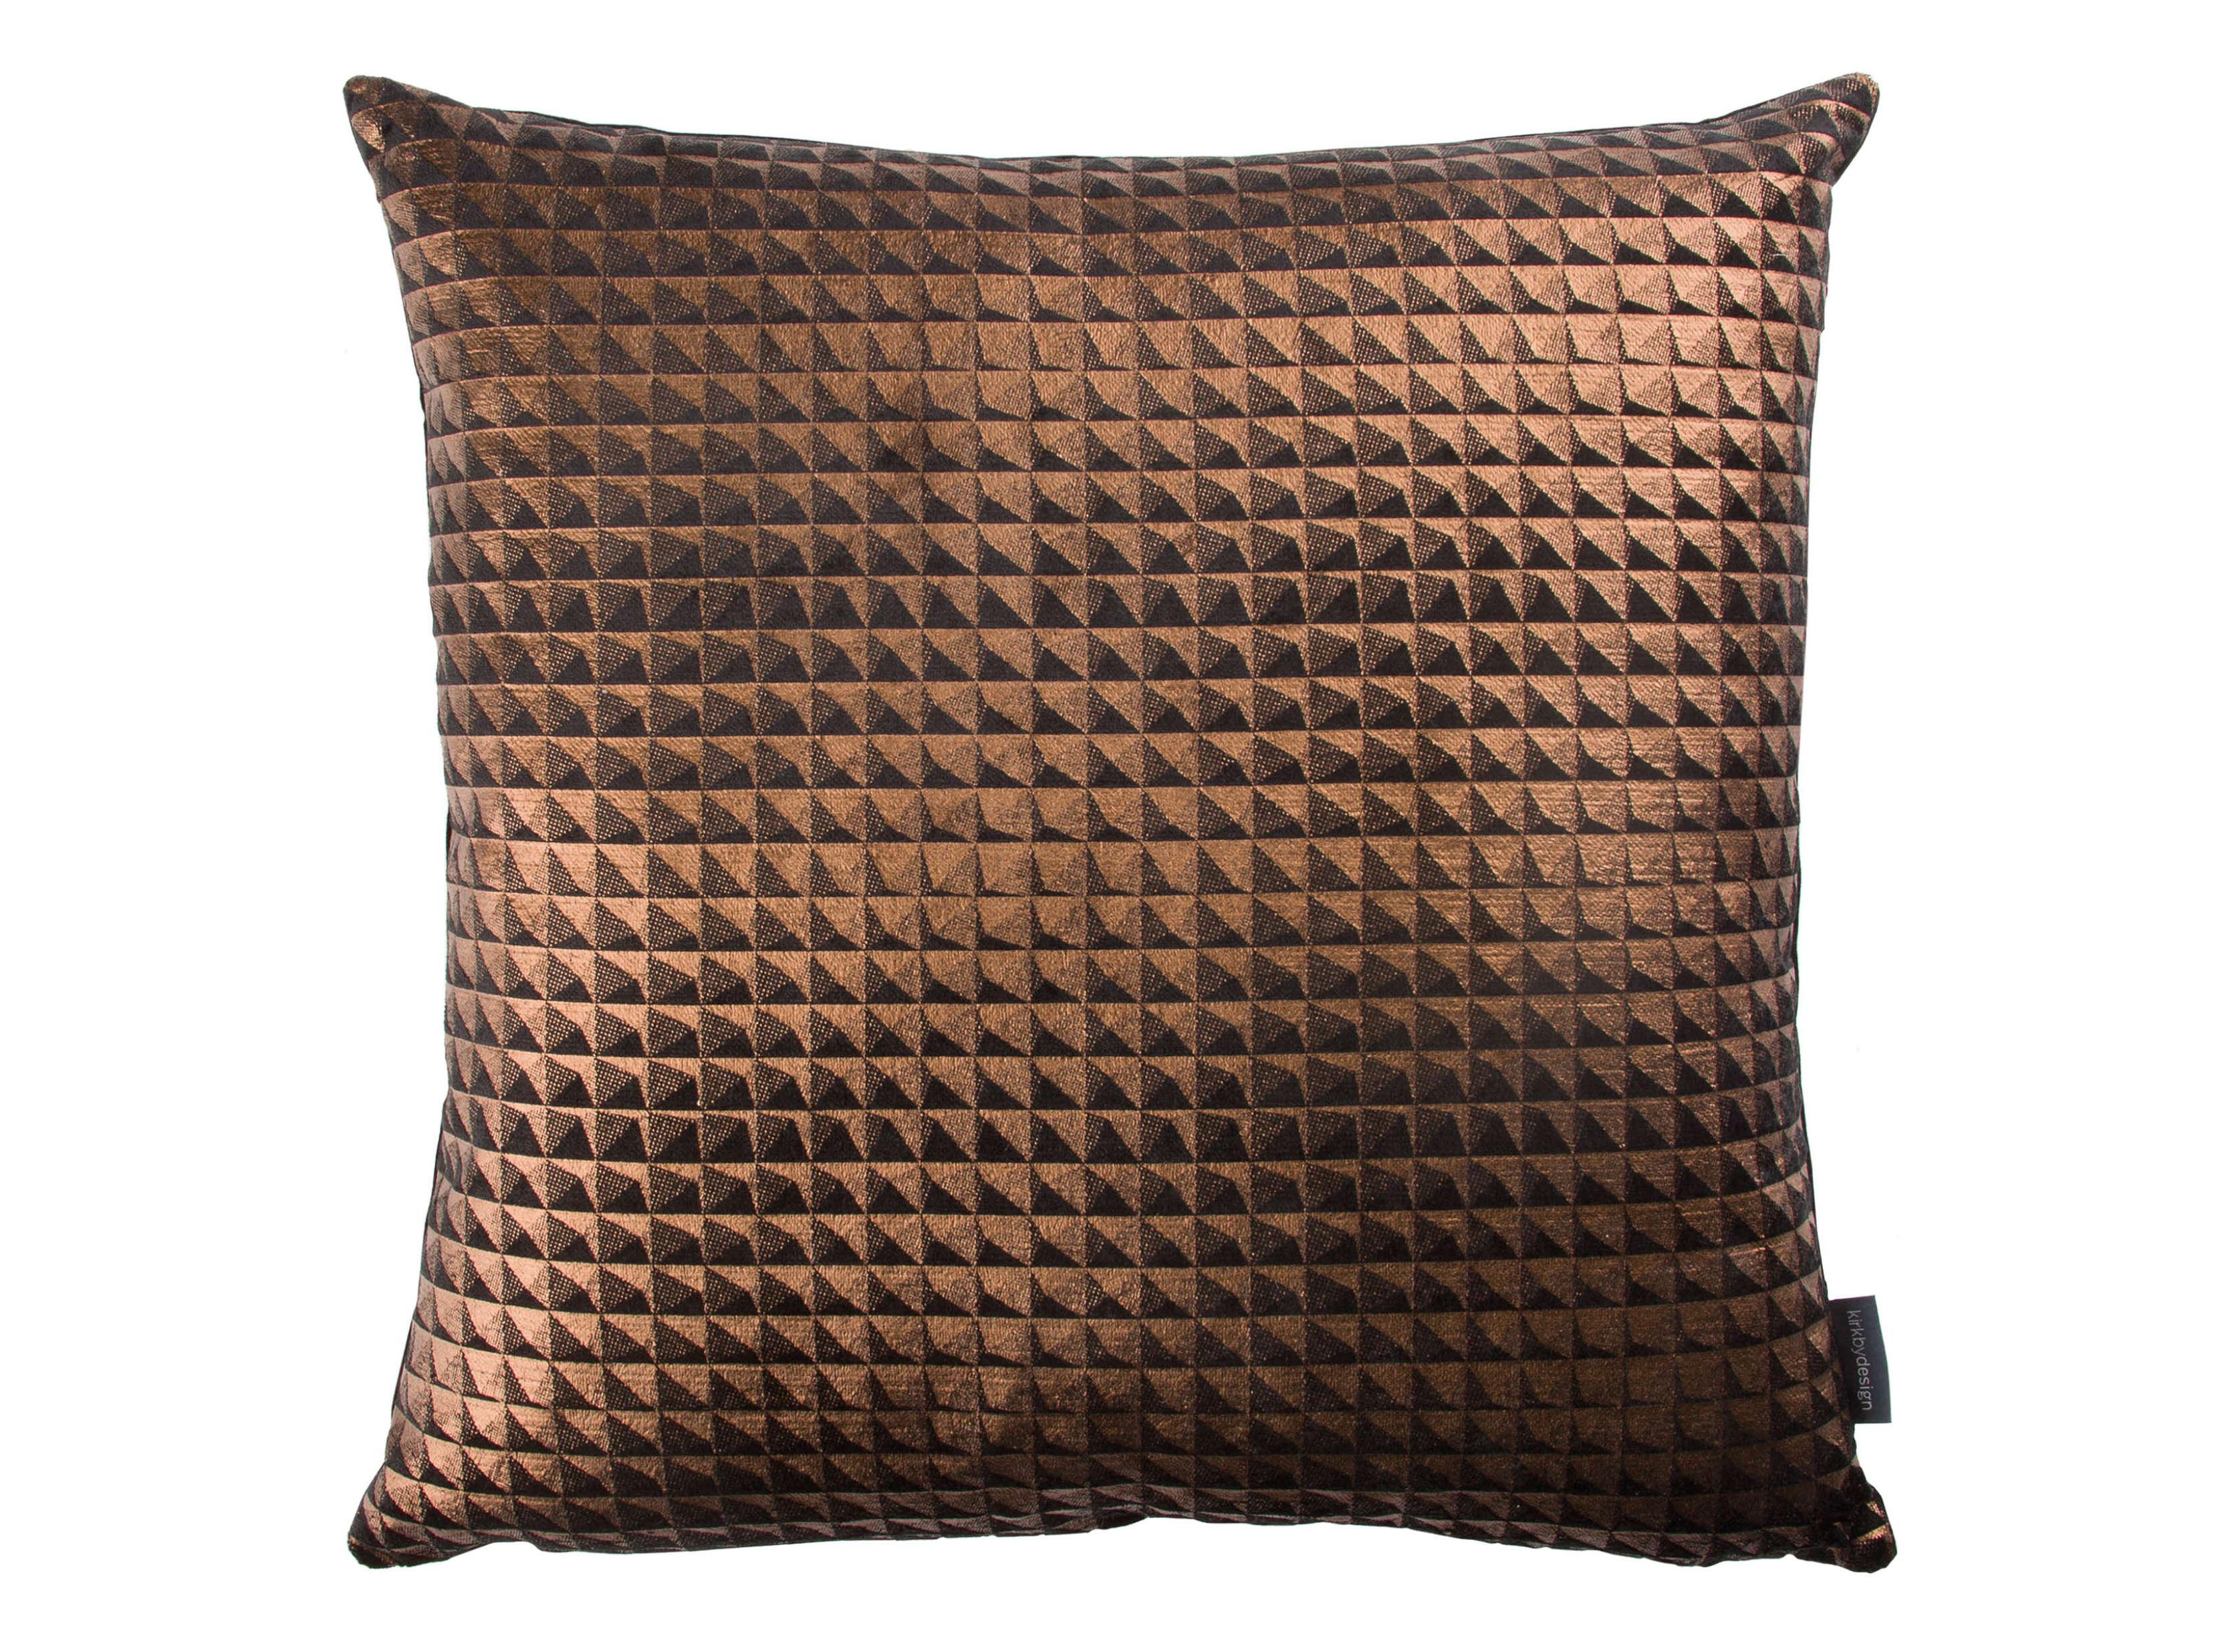 【海外取寄品】The Moonlit Pyramid クッション Bronze by kirkbydesign 50×50cm 中材付